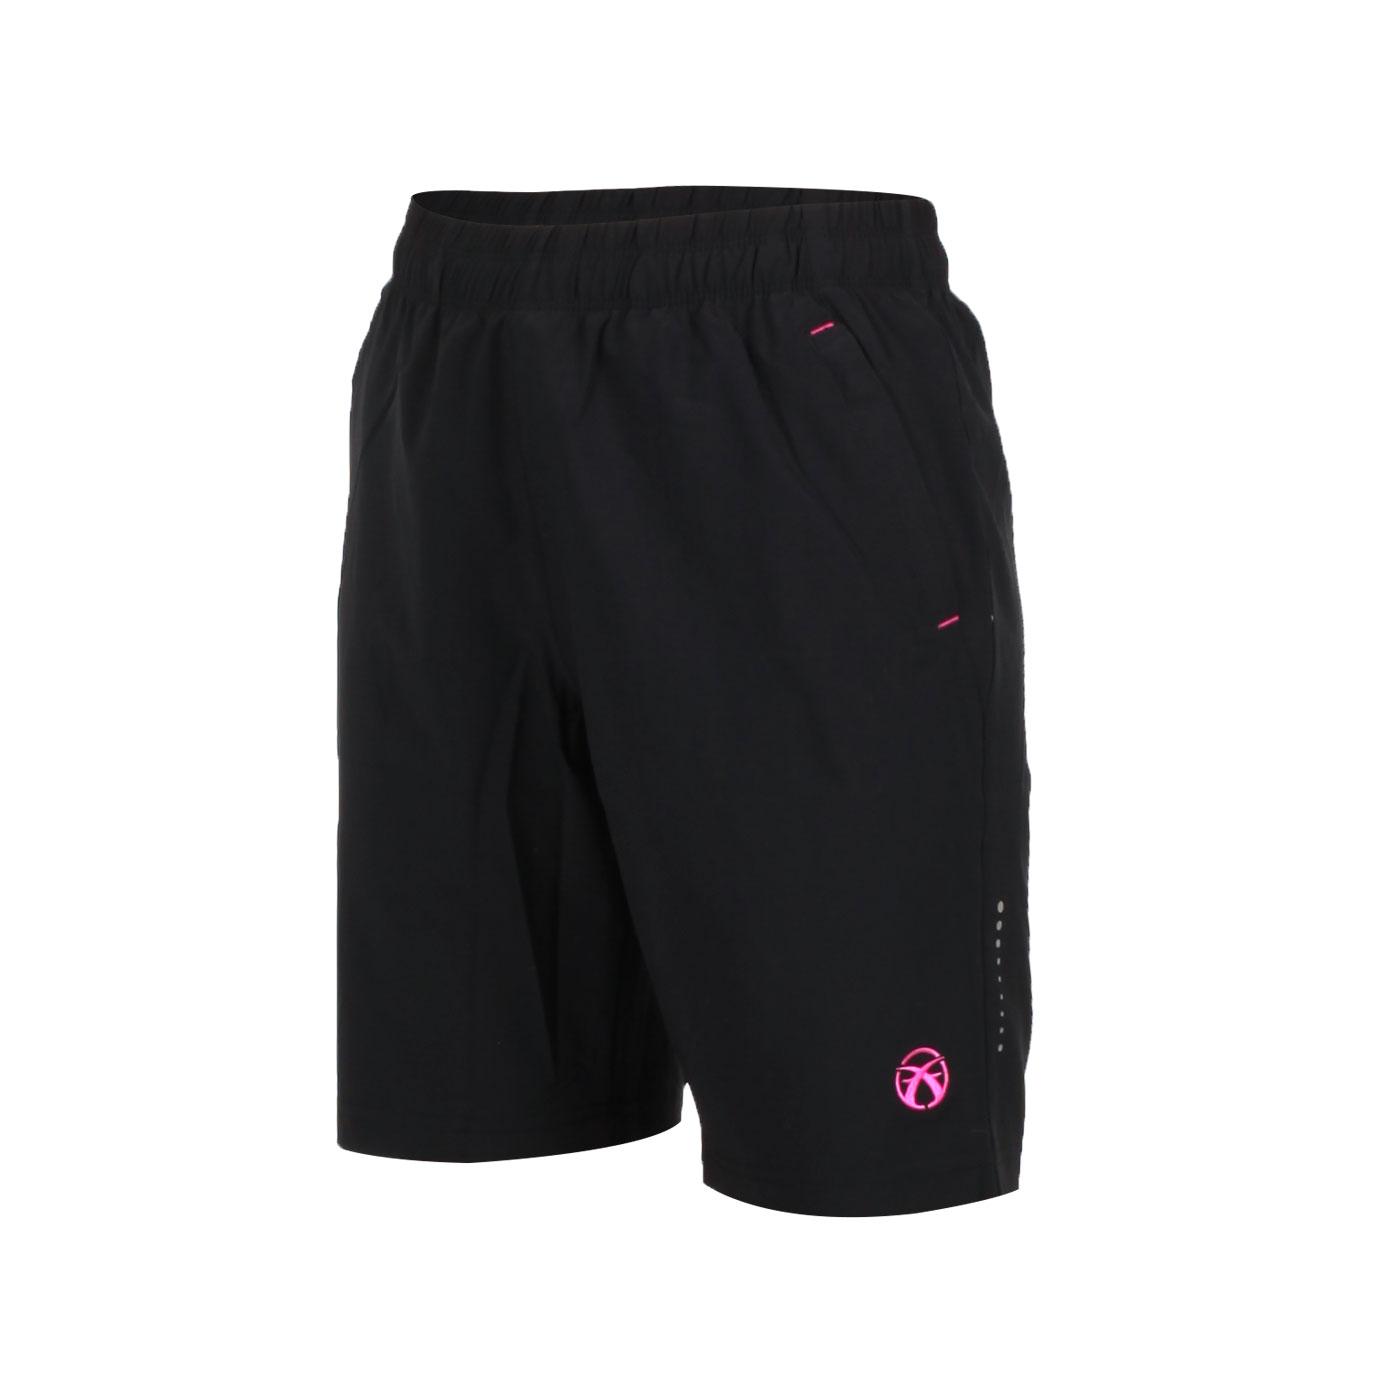 FIRESTAR 女款彈性平織五分褲 CL825-10 - 黑桃紅